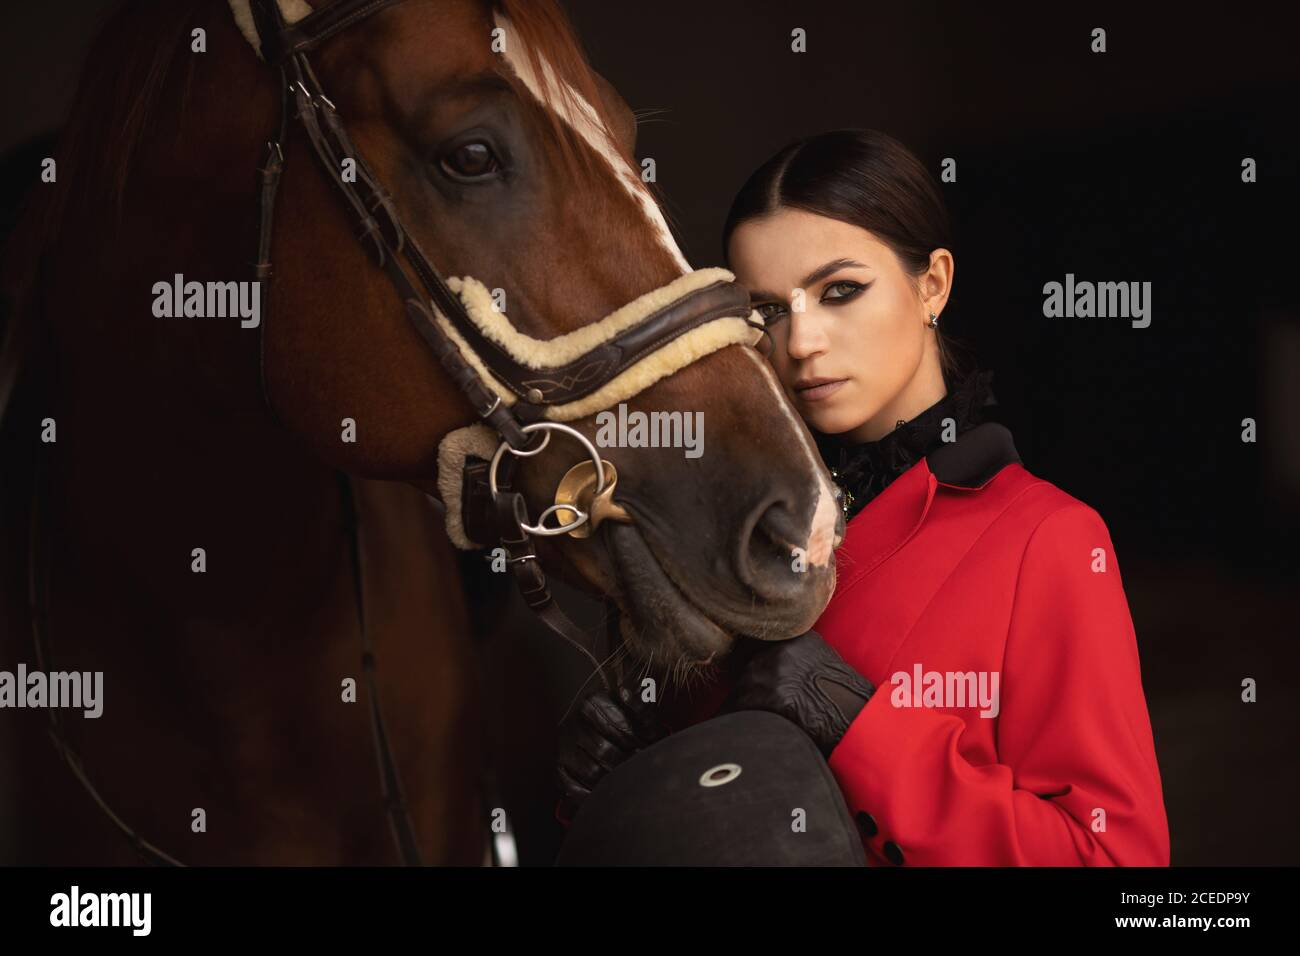 Jinete jinete jinete jinete abraza el caballo marrón con los ojos cerrados. Concepto de animales de amor Foto de stock